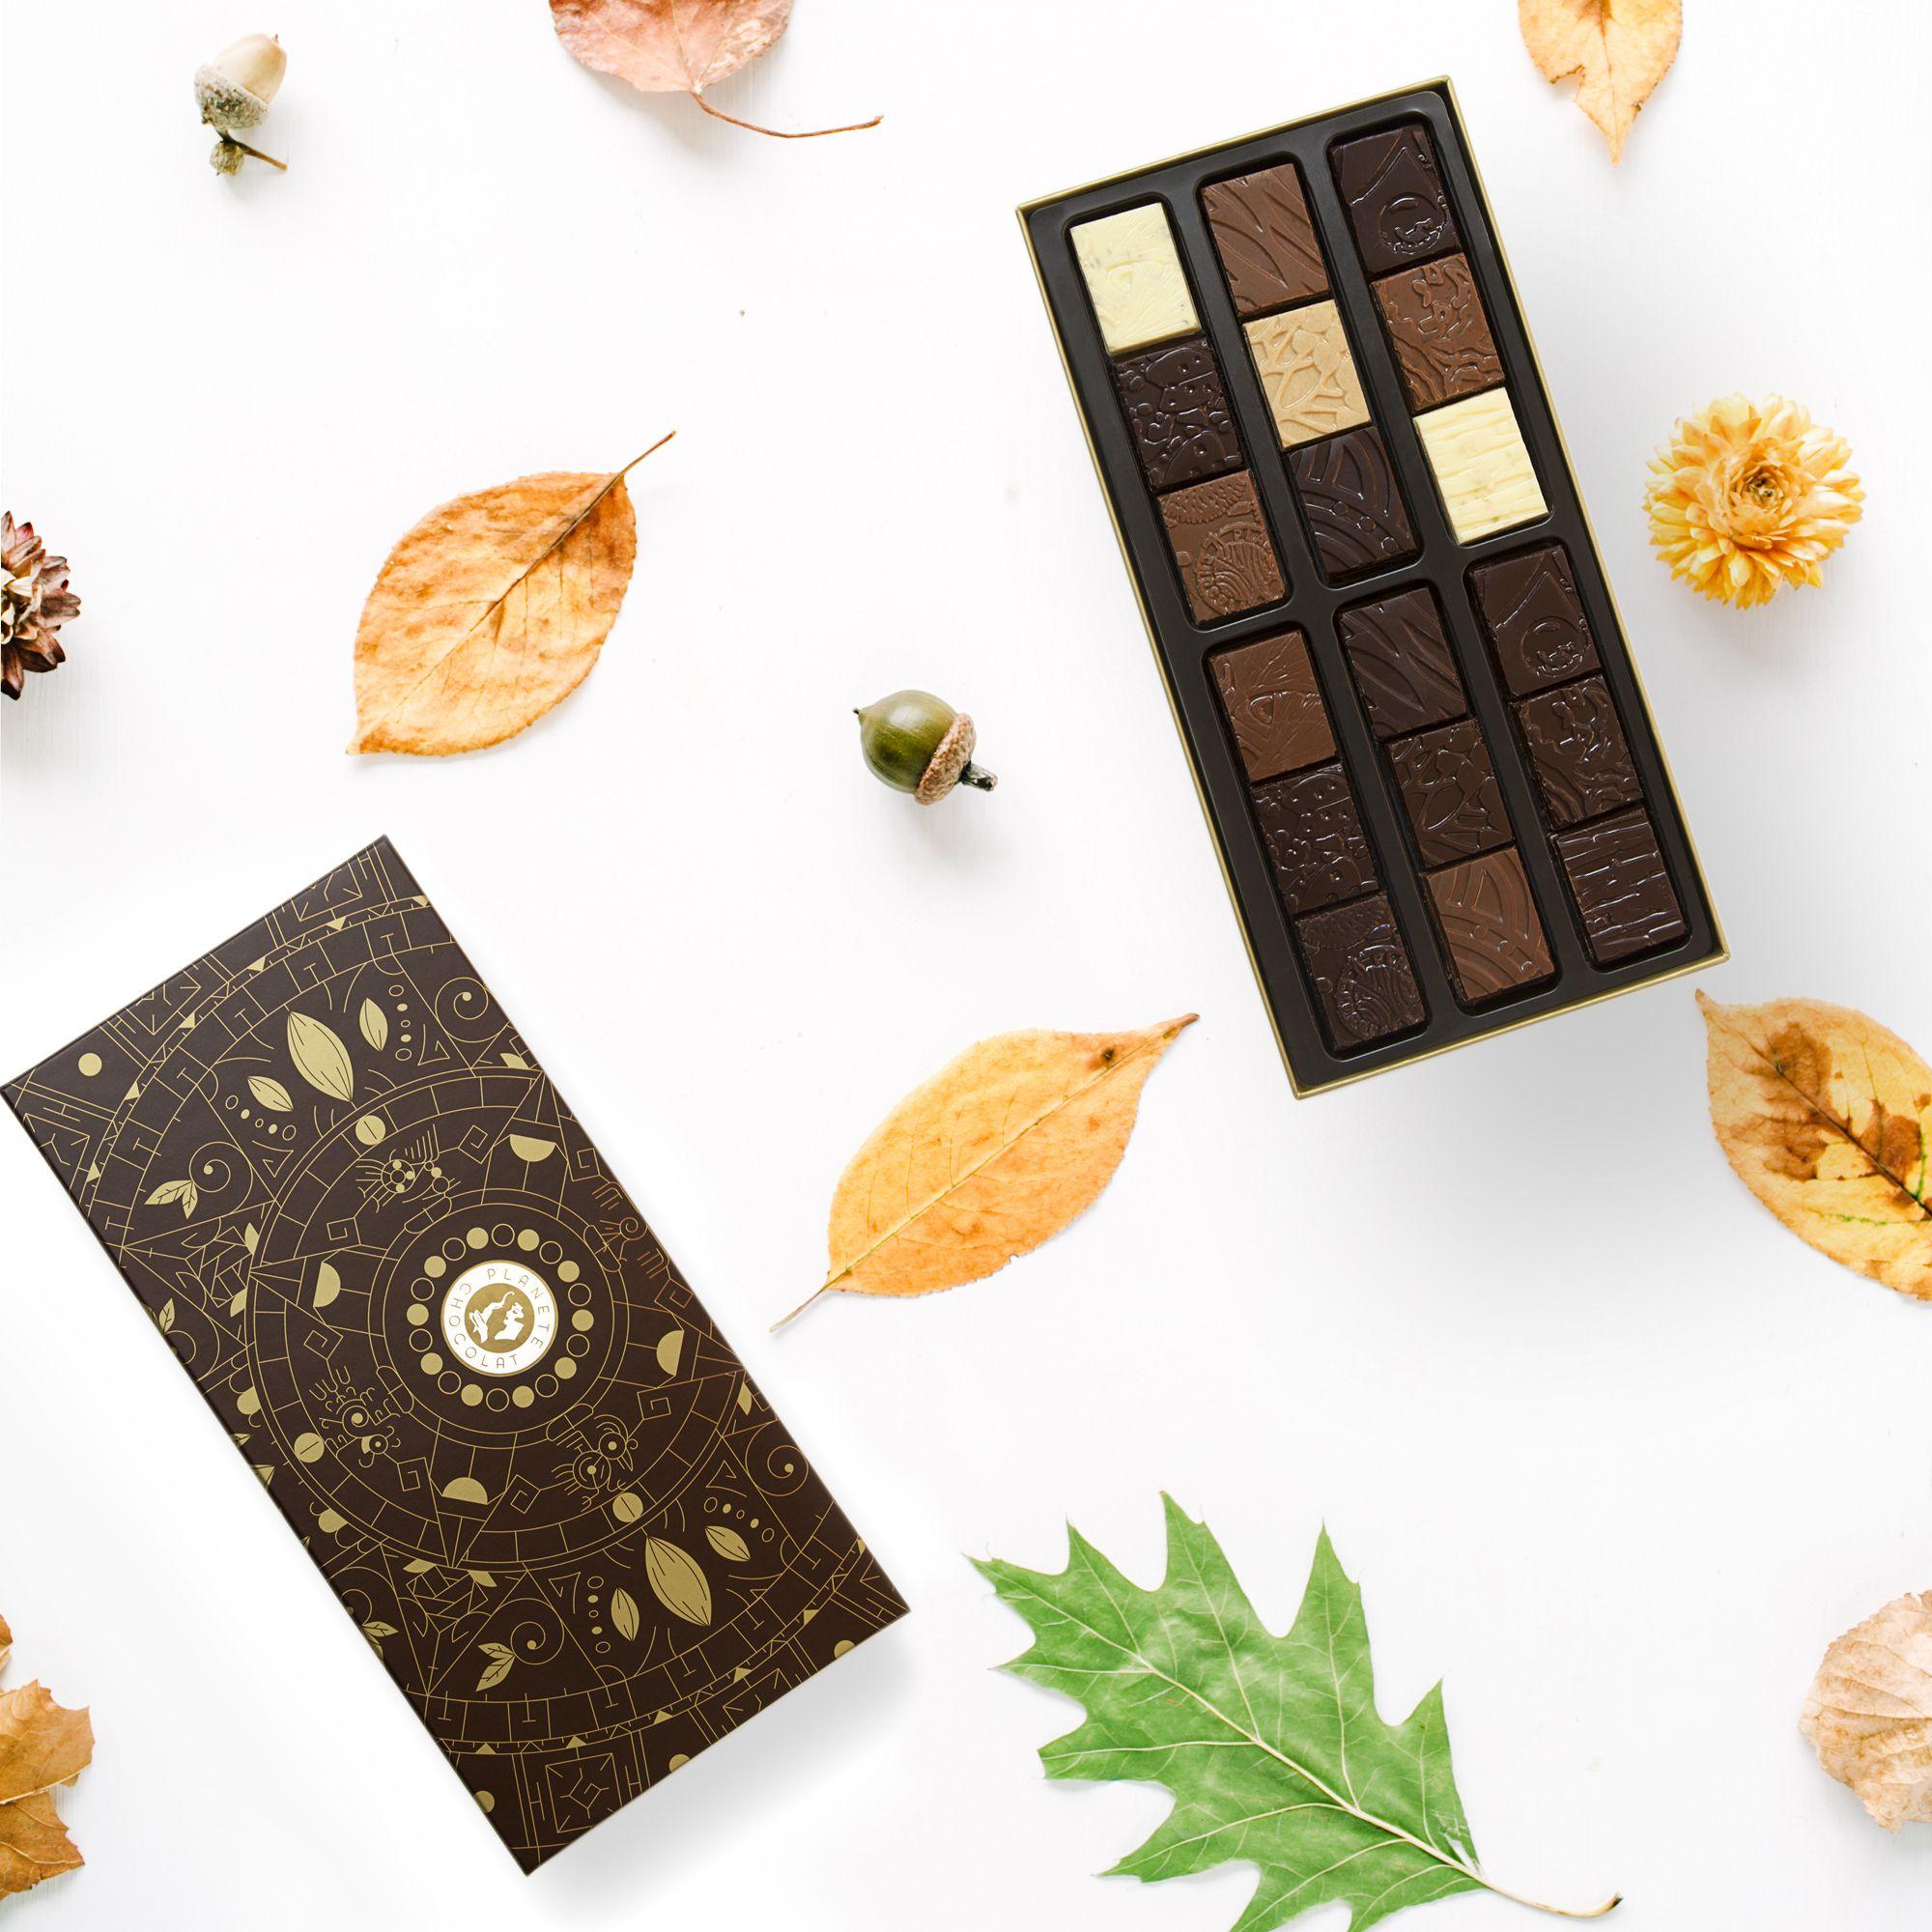 Boite Chocolat Voyage Au Pays Des Saveurs Du Monde 54 Pieces 250gr Chocolat Brut Moka Cafe Feve De Cacao